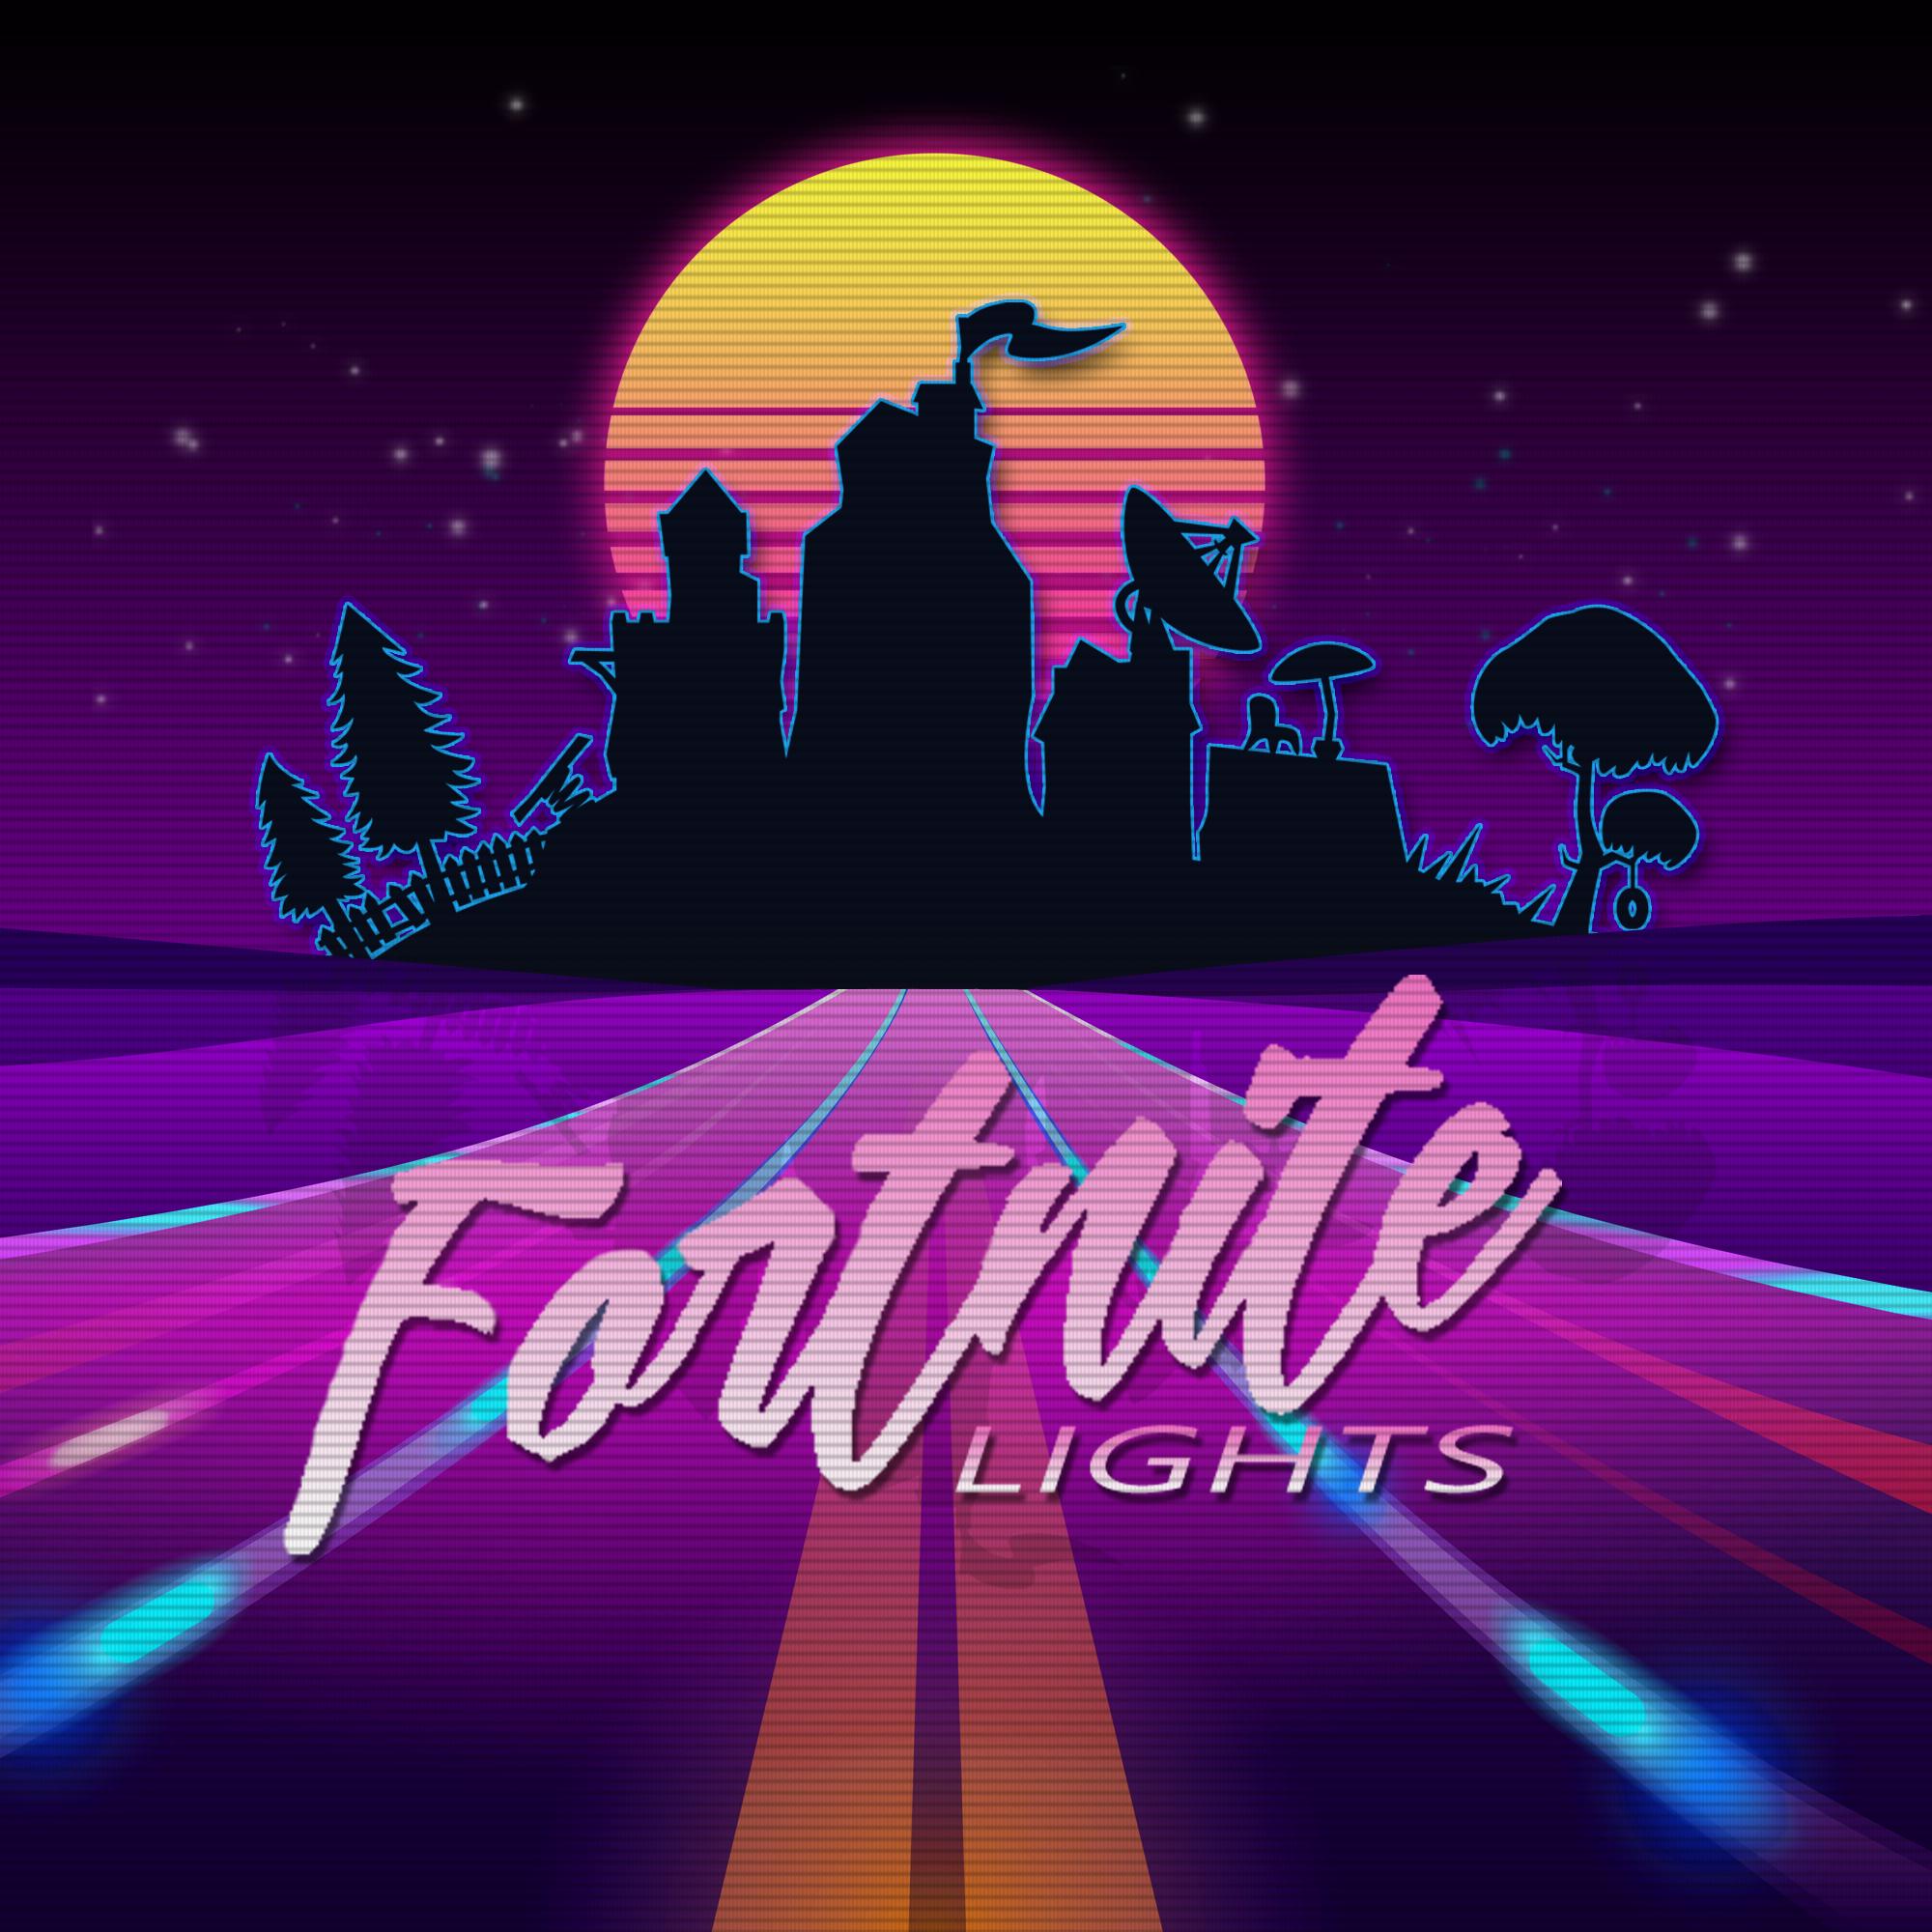 Fortnite lights - Blinding Lights